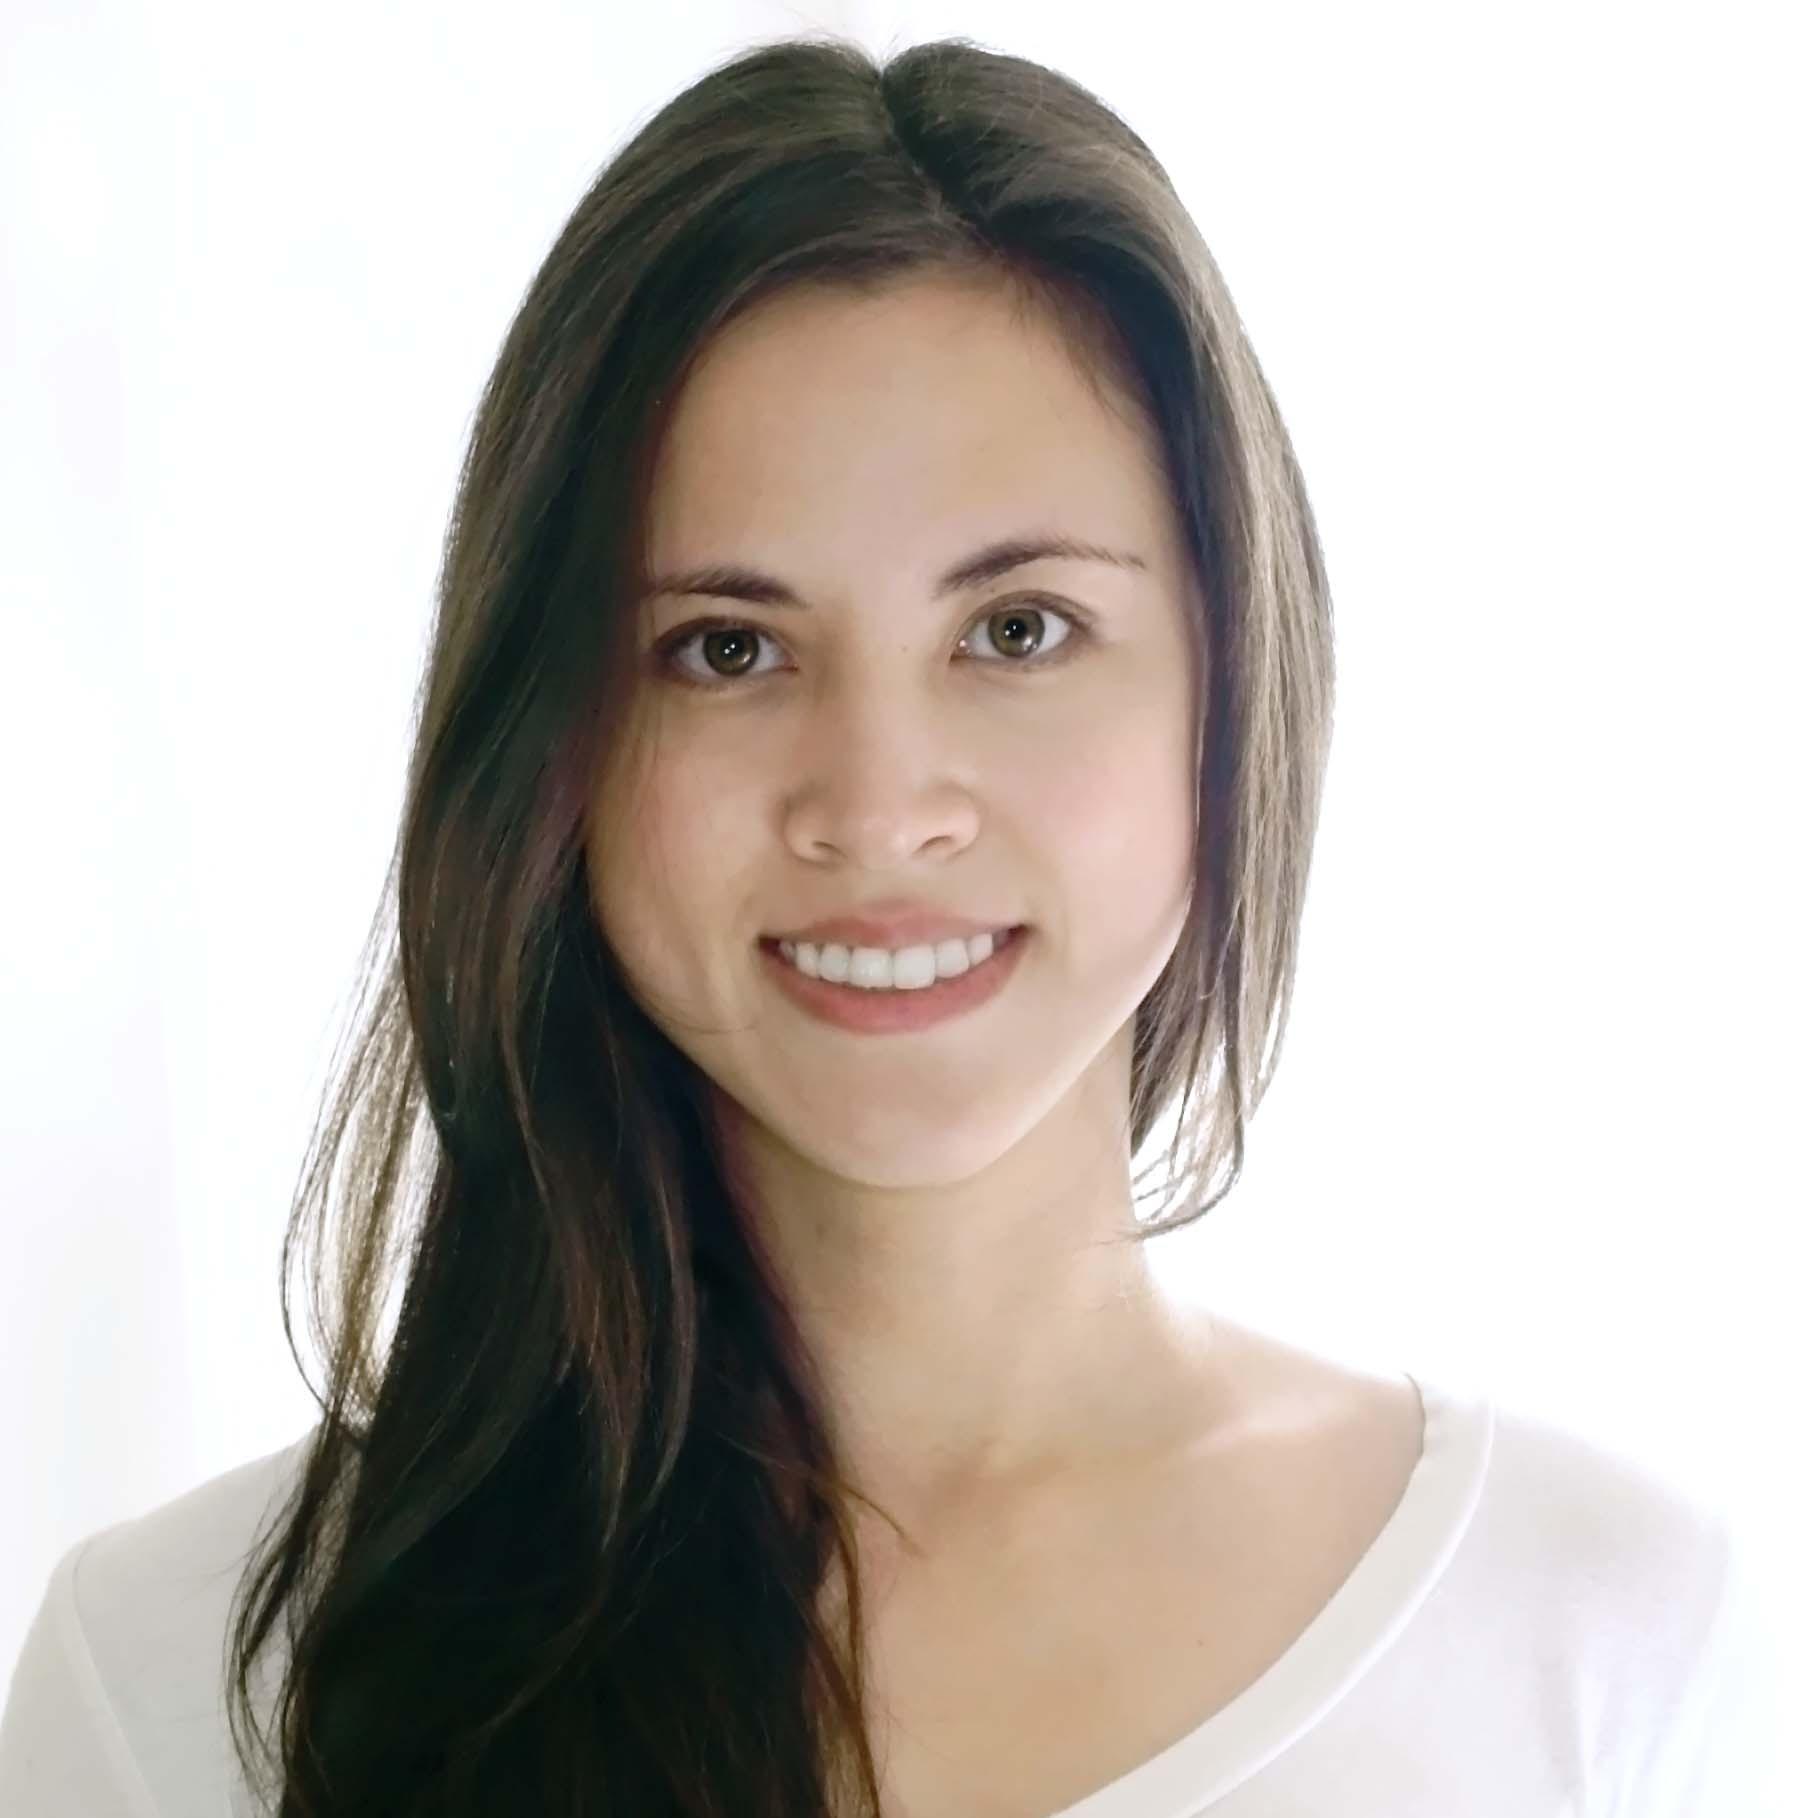 Go to Lana Rei's profile